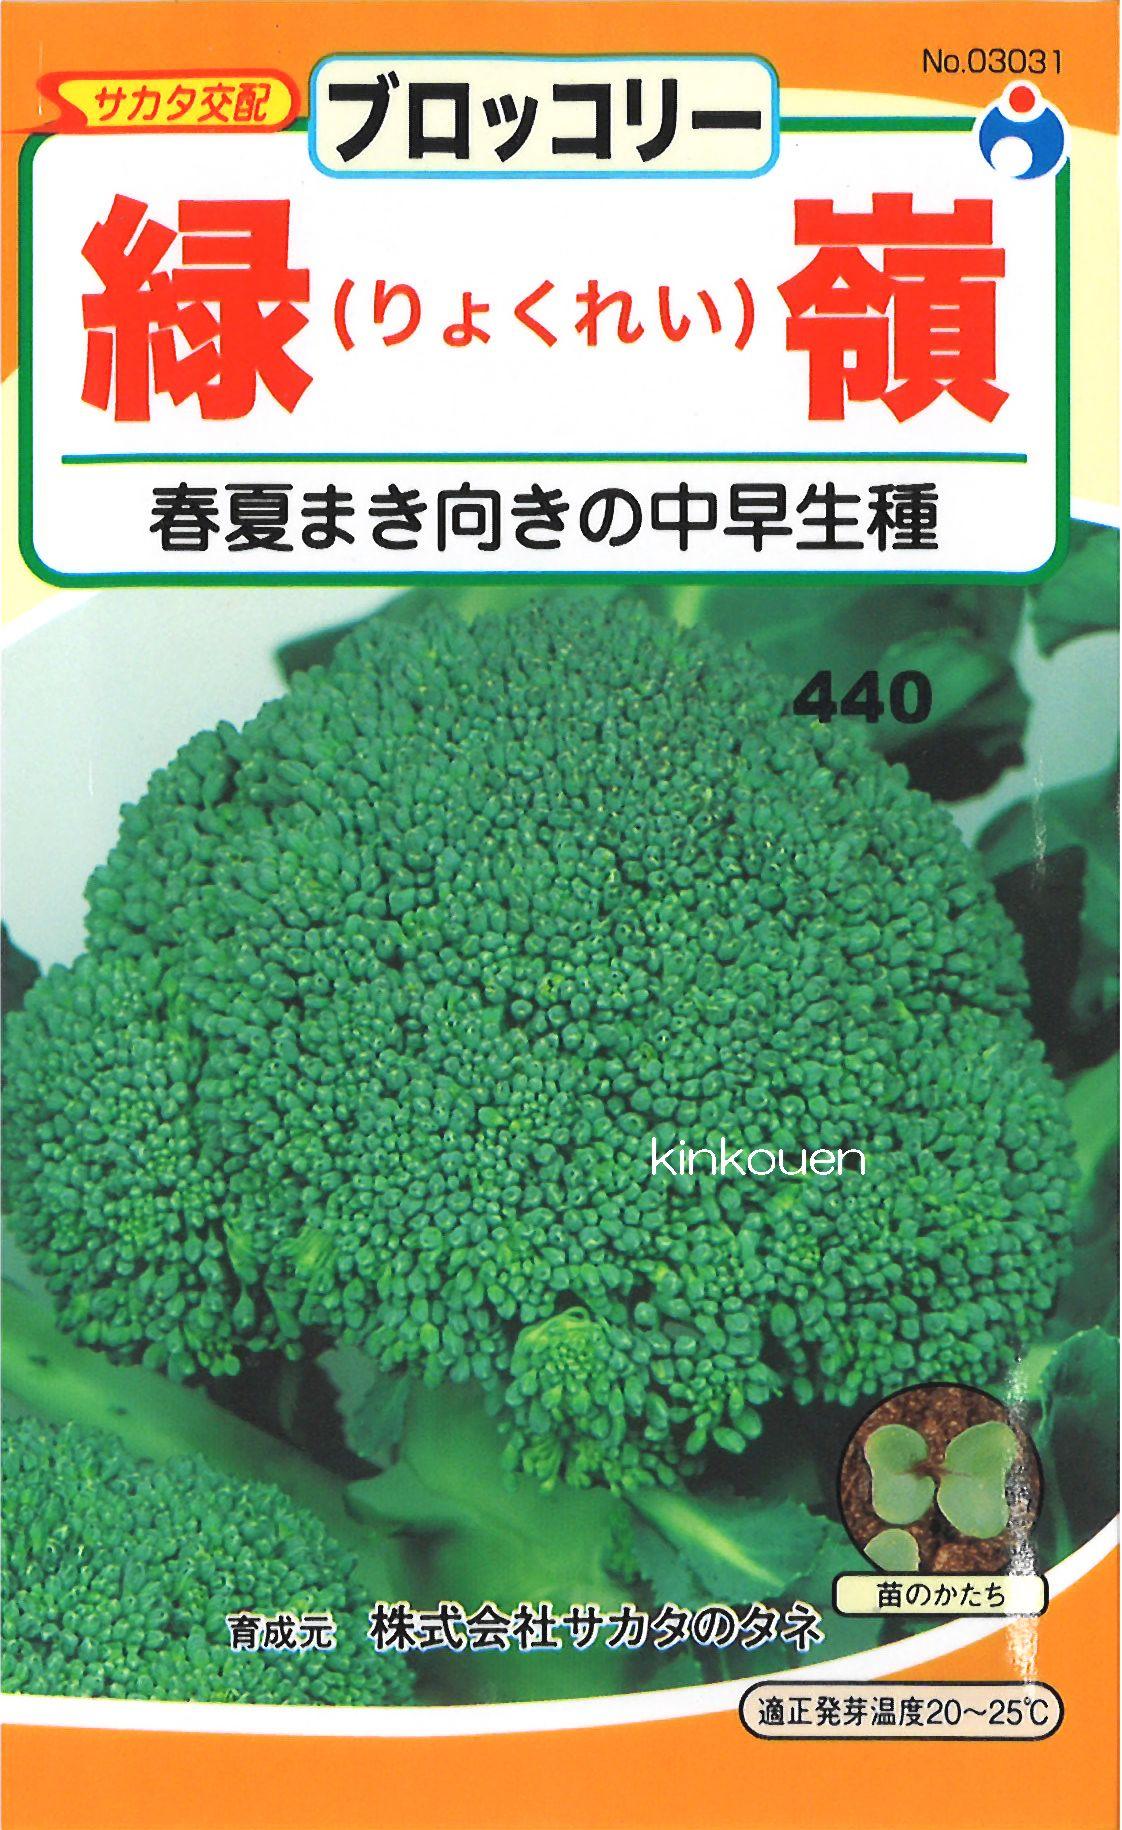 ≪代引不可≫≪5袋まで送料80円≫ □ブロッコリー緑嶺